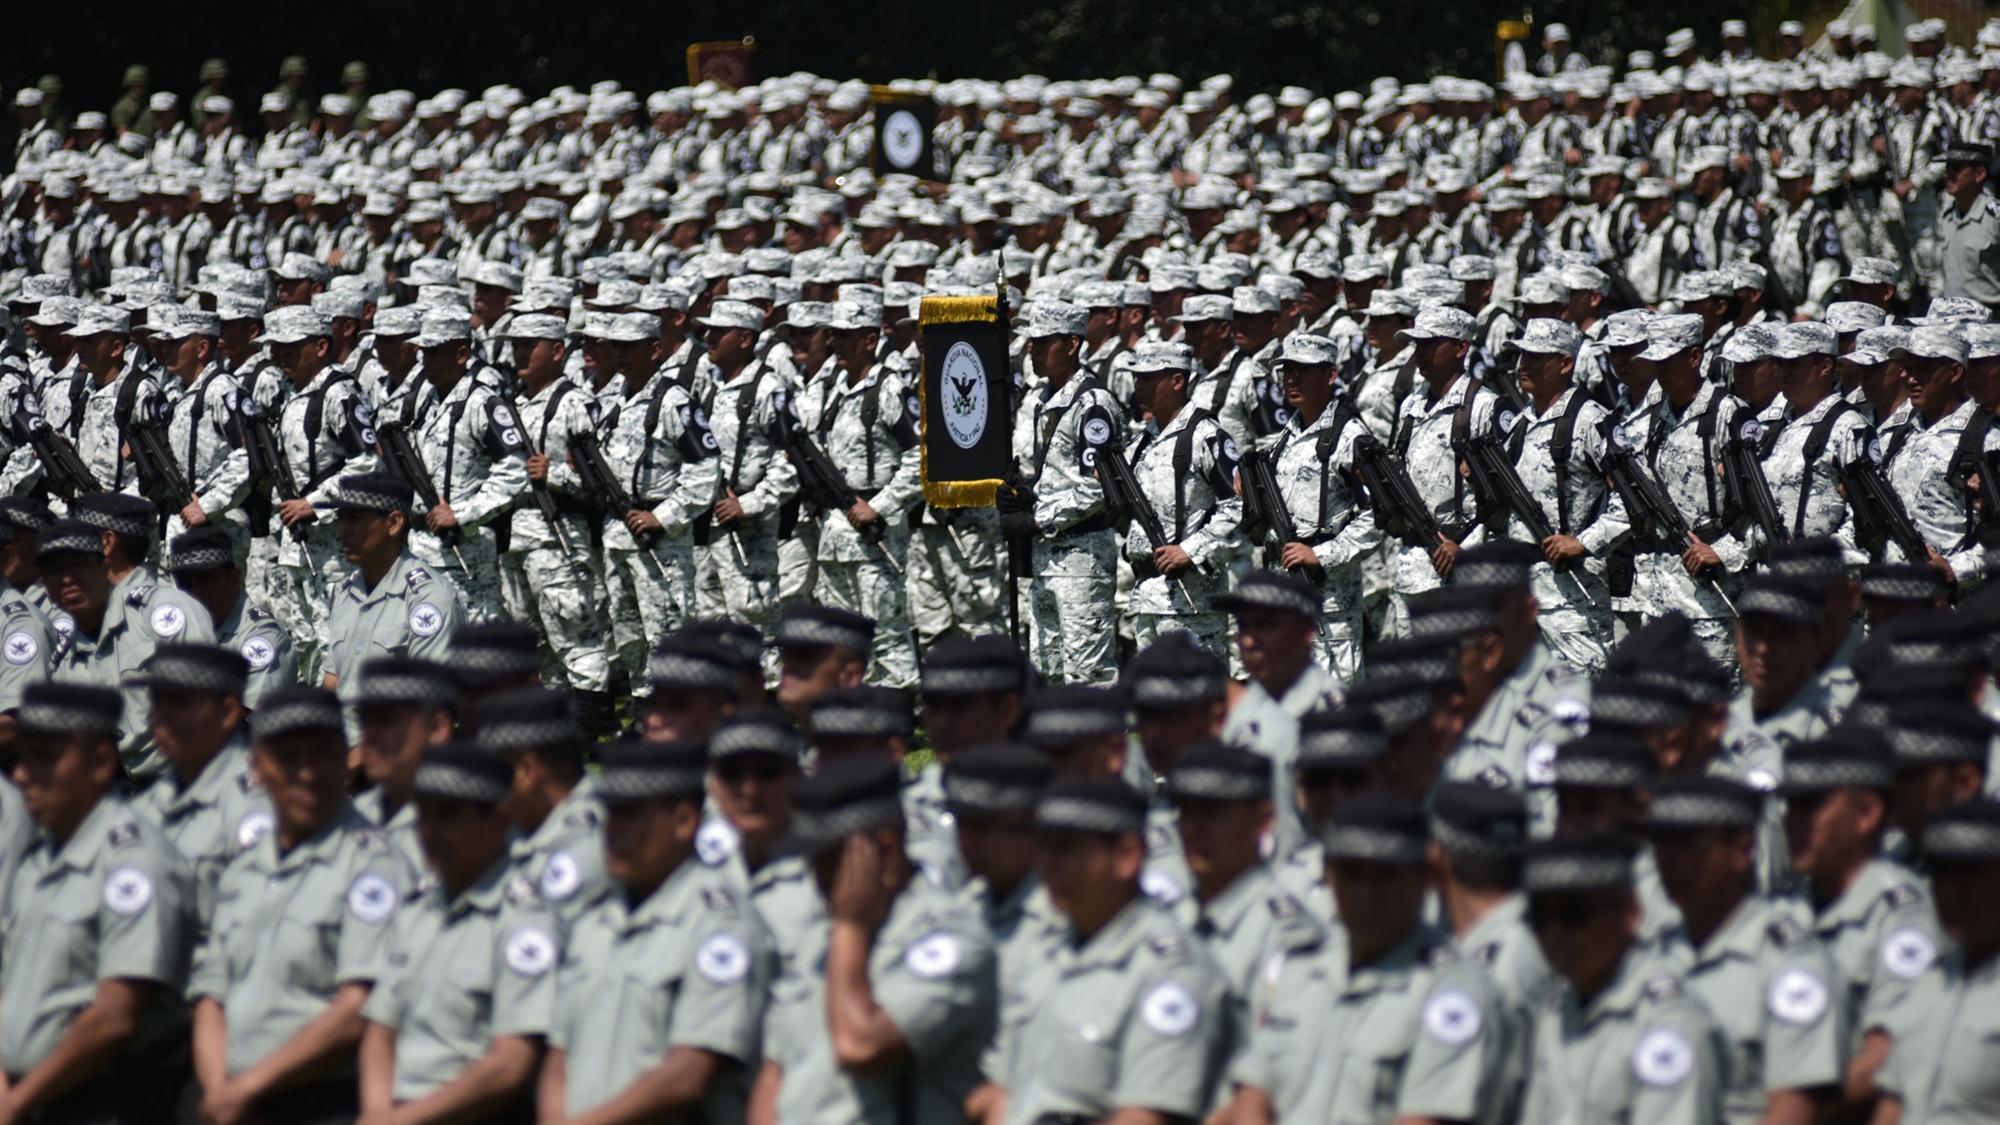 Leyes secundarias de la Guardia Nacional podrían ser violatorias de Derechos Humanos: CNDH